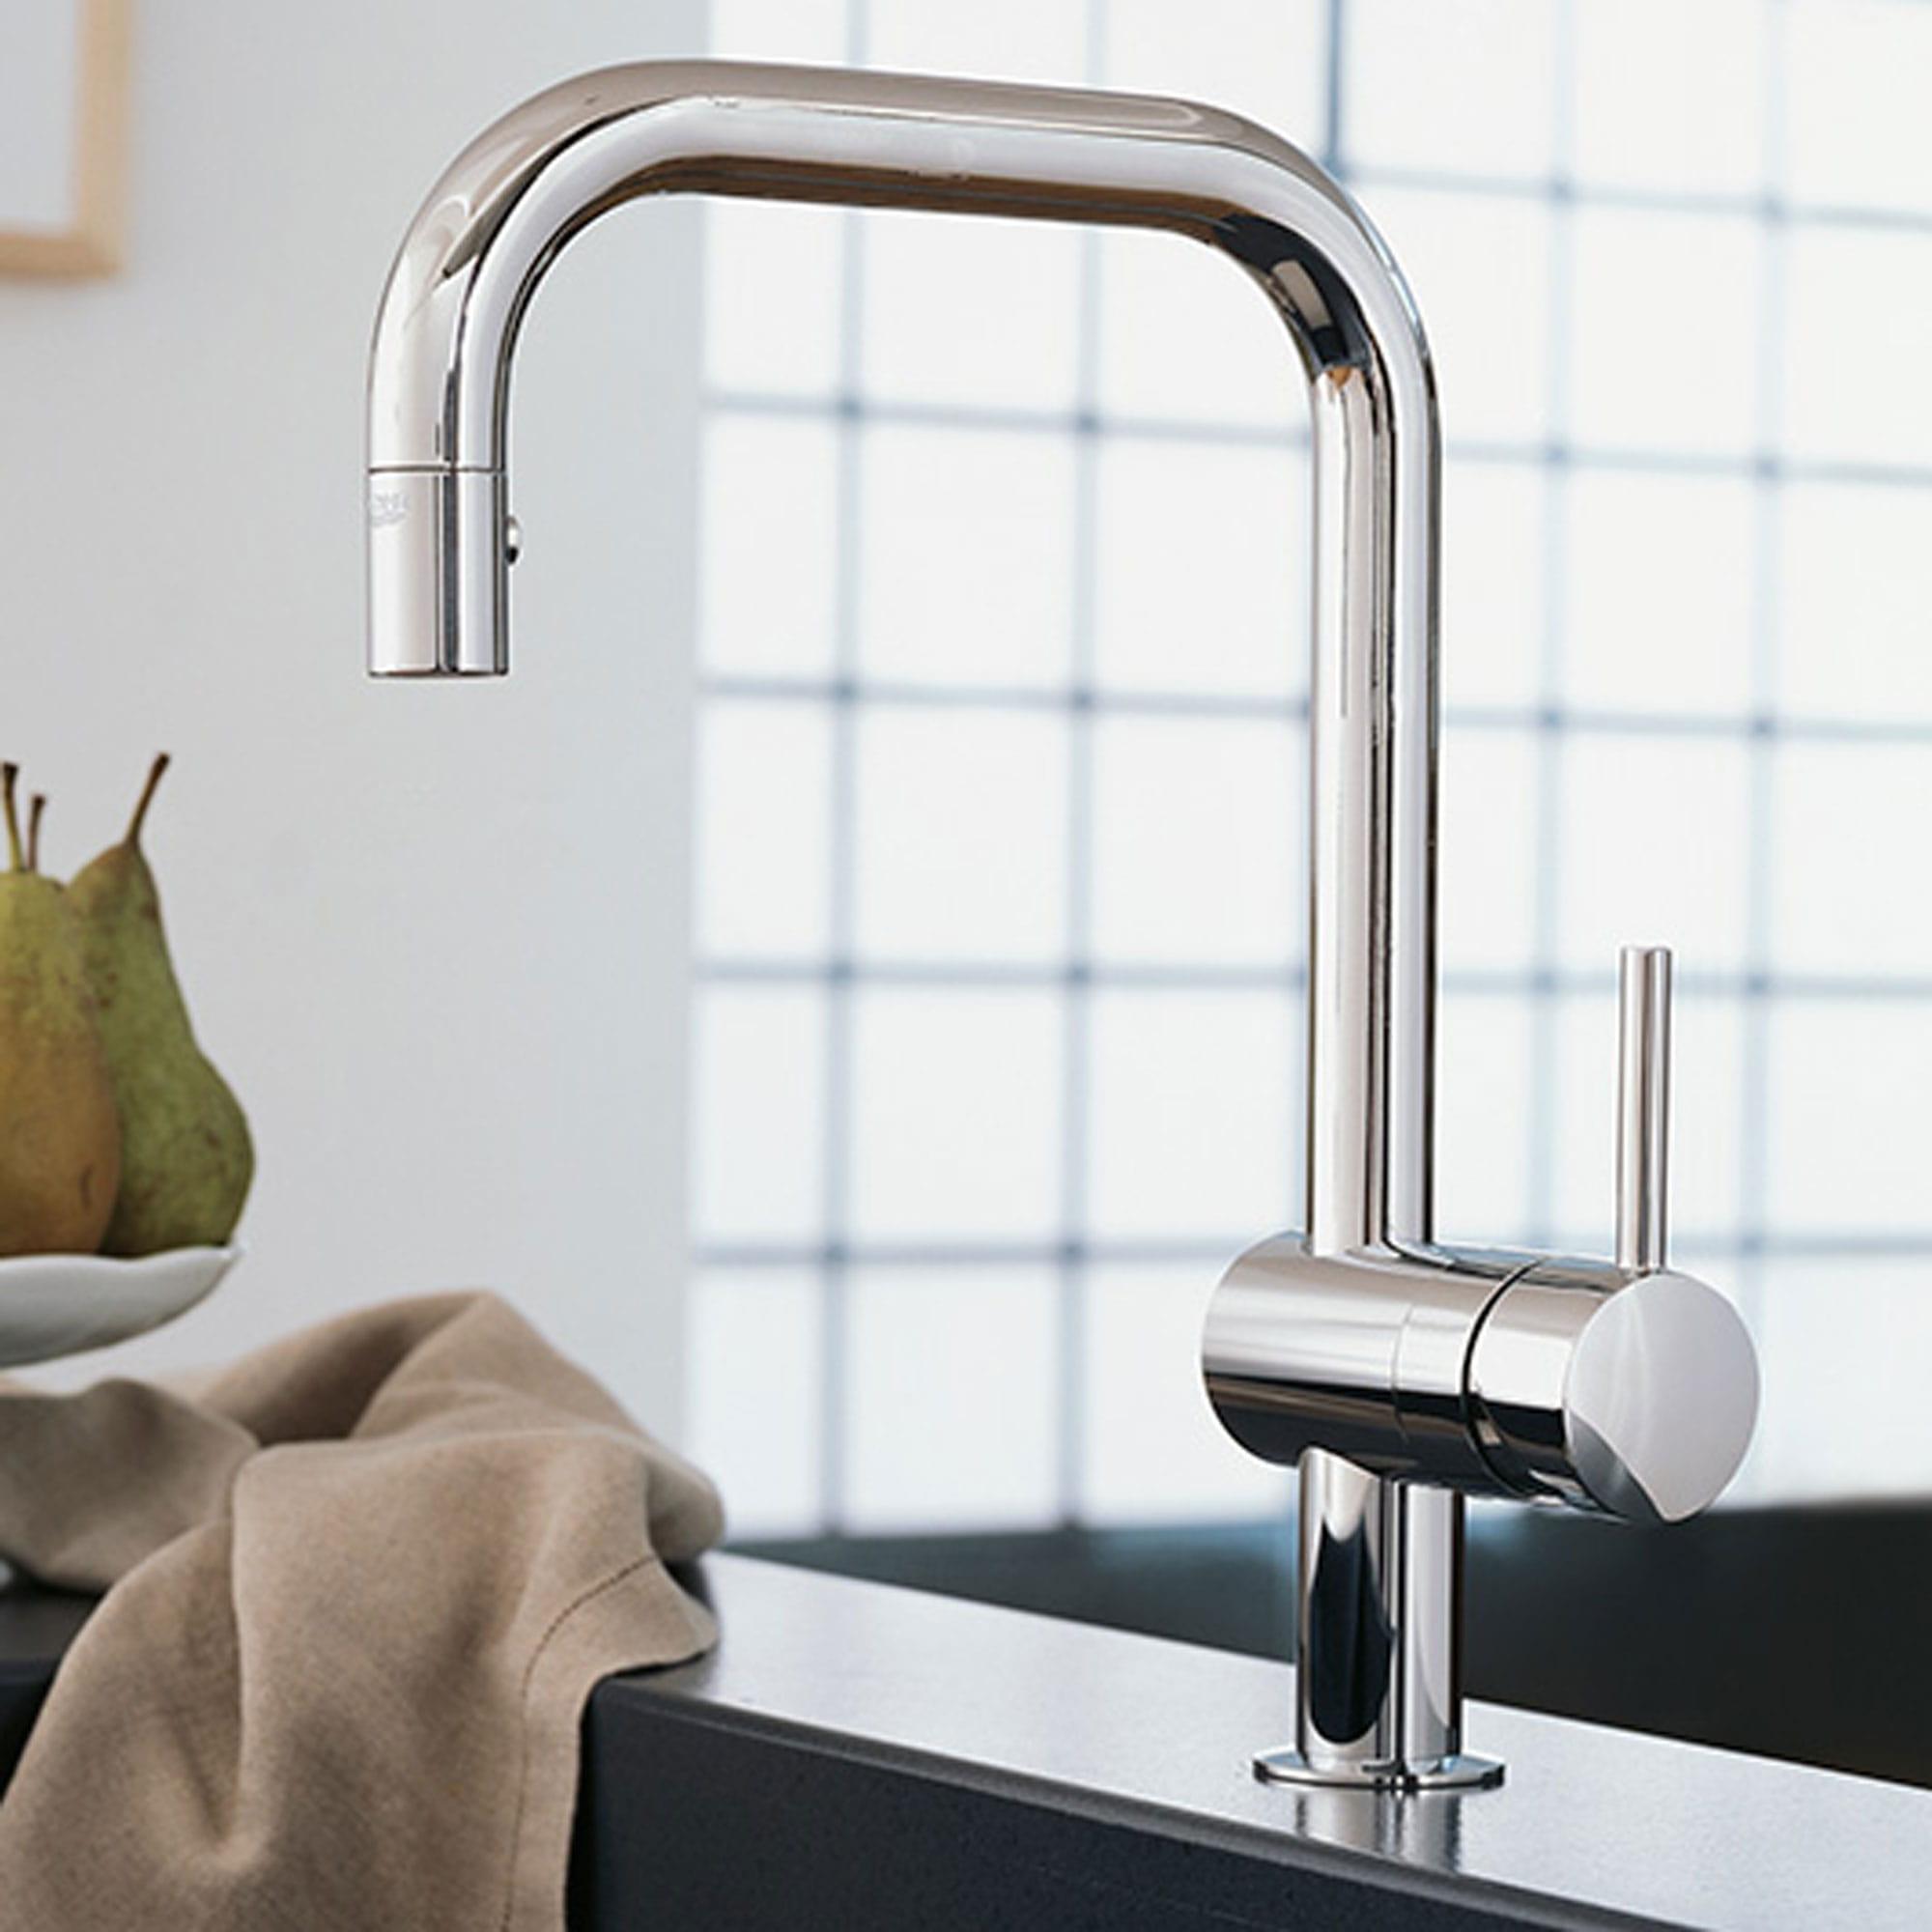 kitchen faucet built into ledge